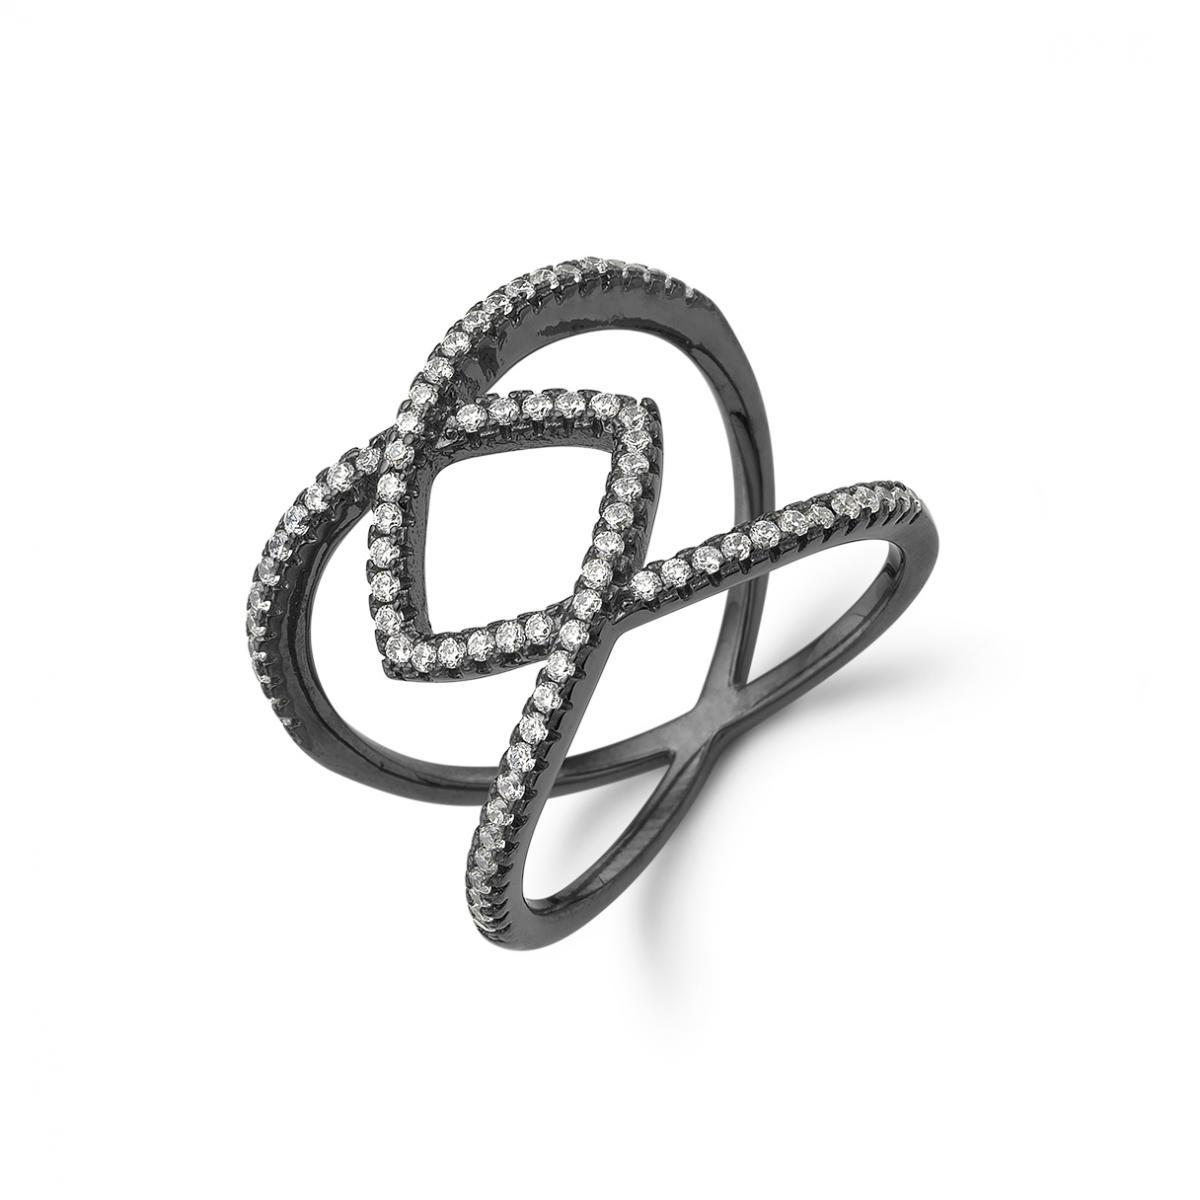 Image of   Kranz & Ziegler Sort sølv ring - 6205862 Størrelse 56